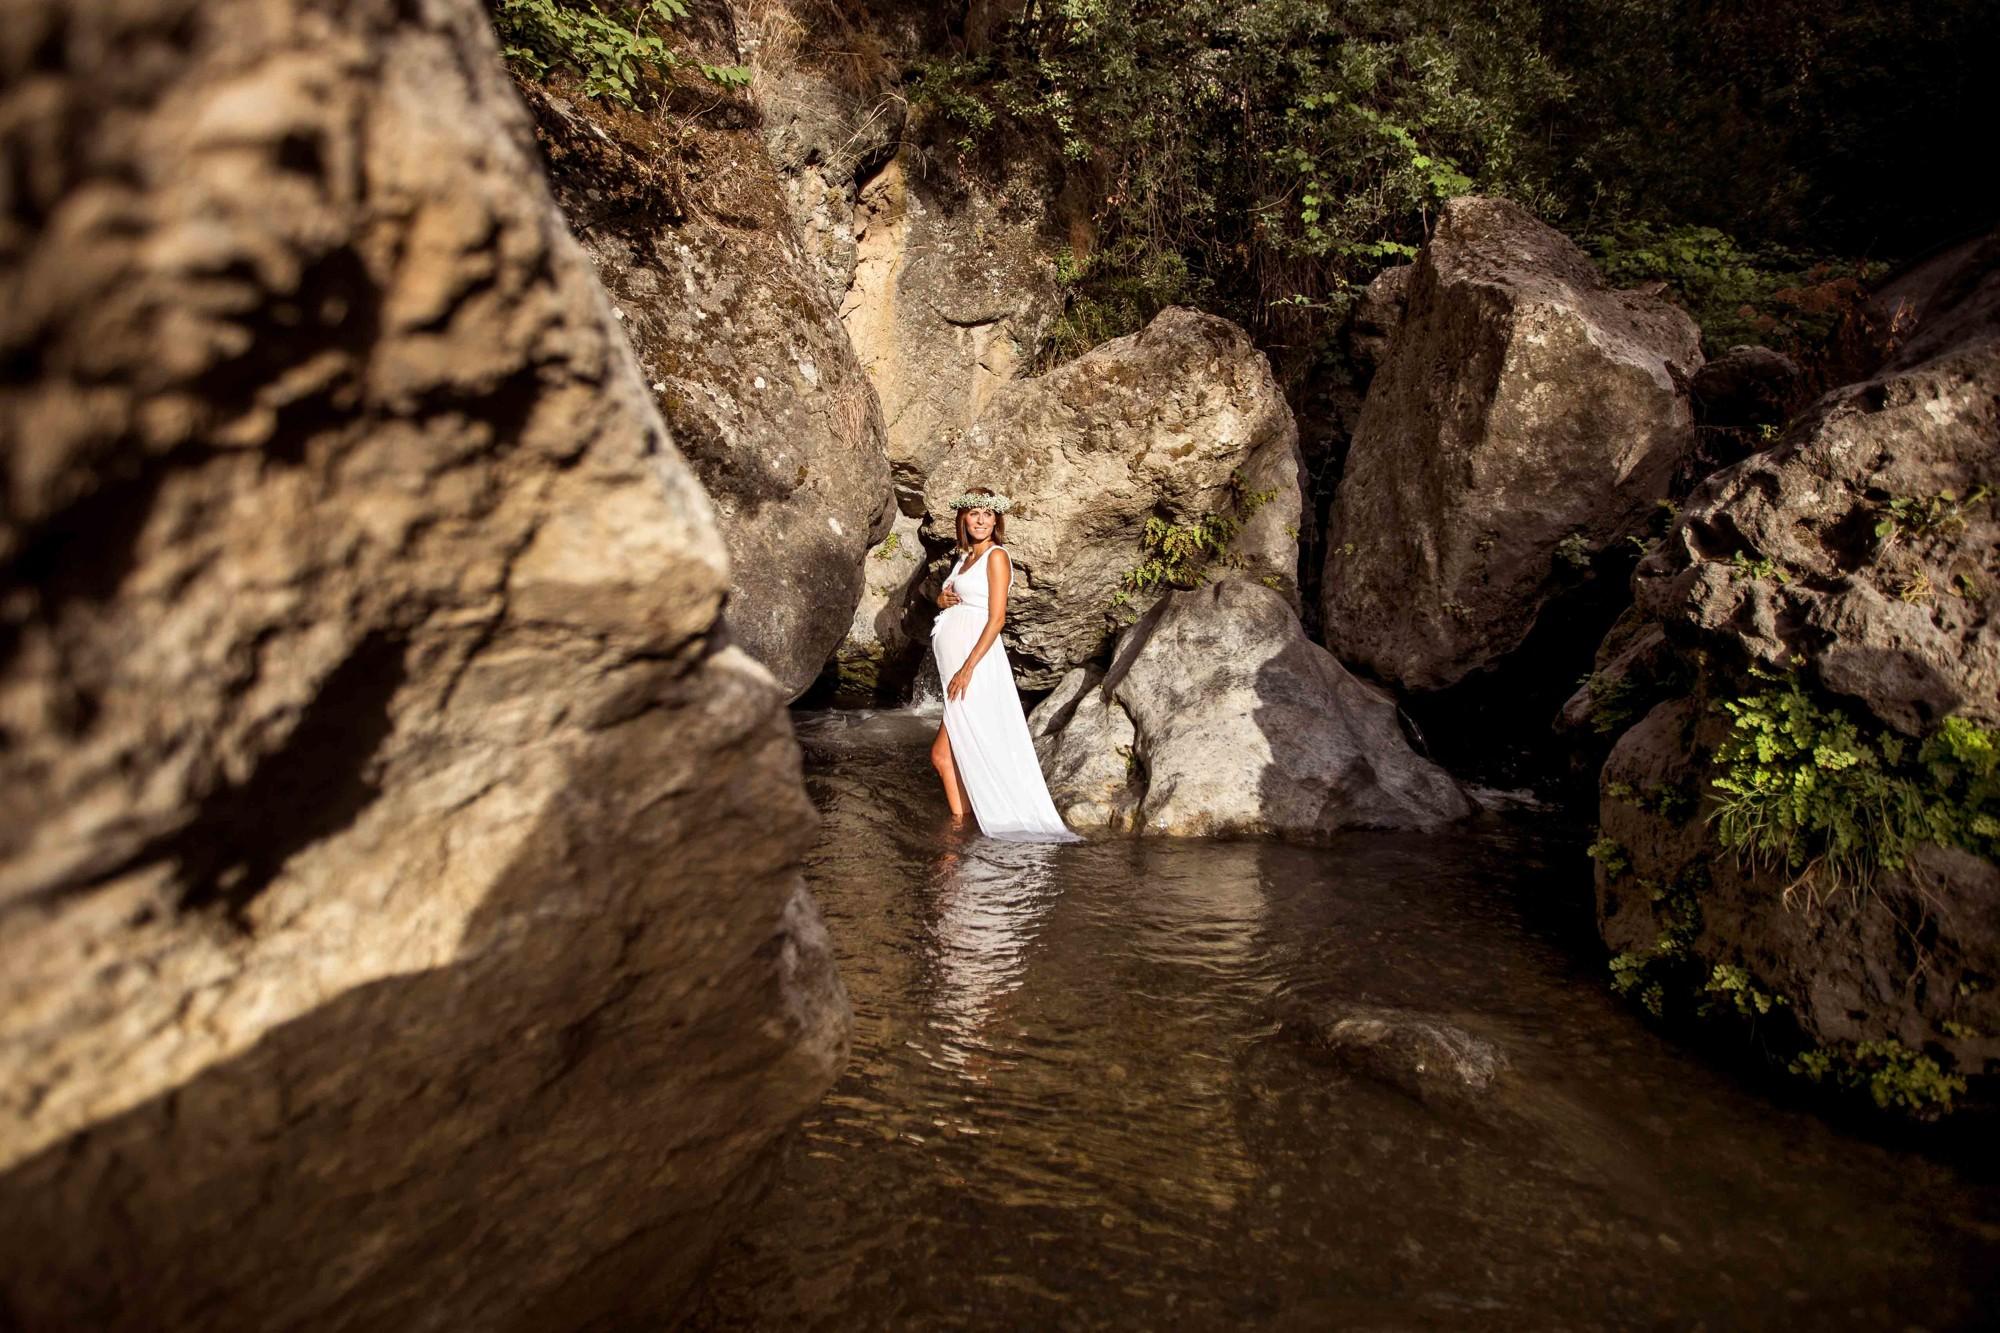 fotógrafos embarazadas Granada